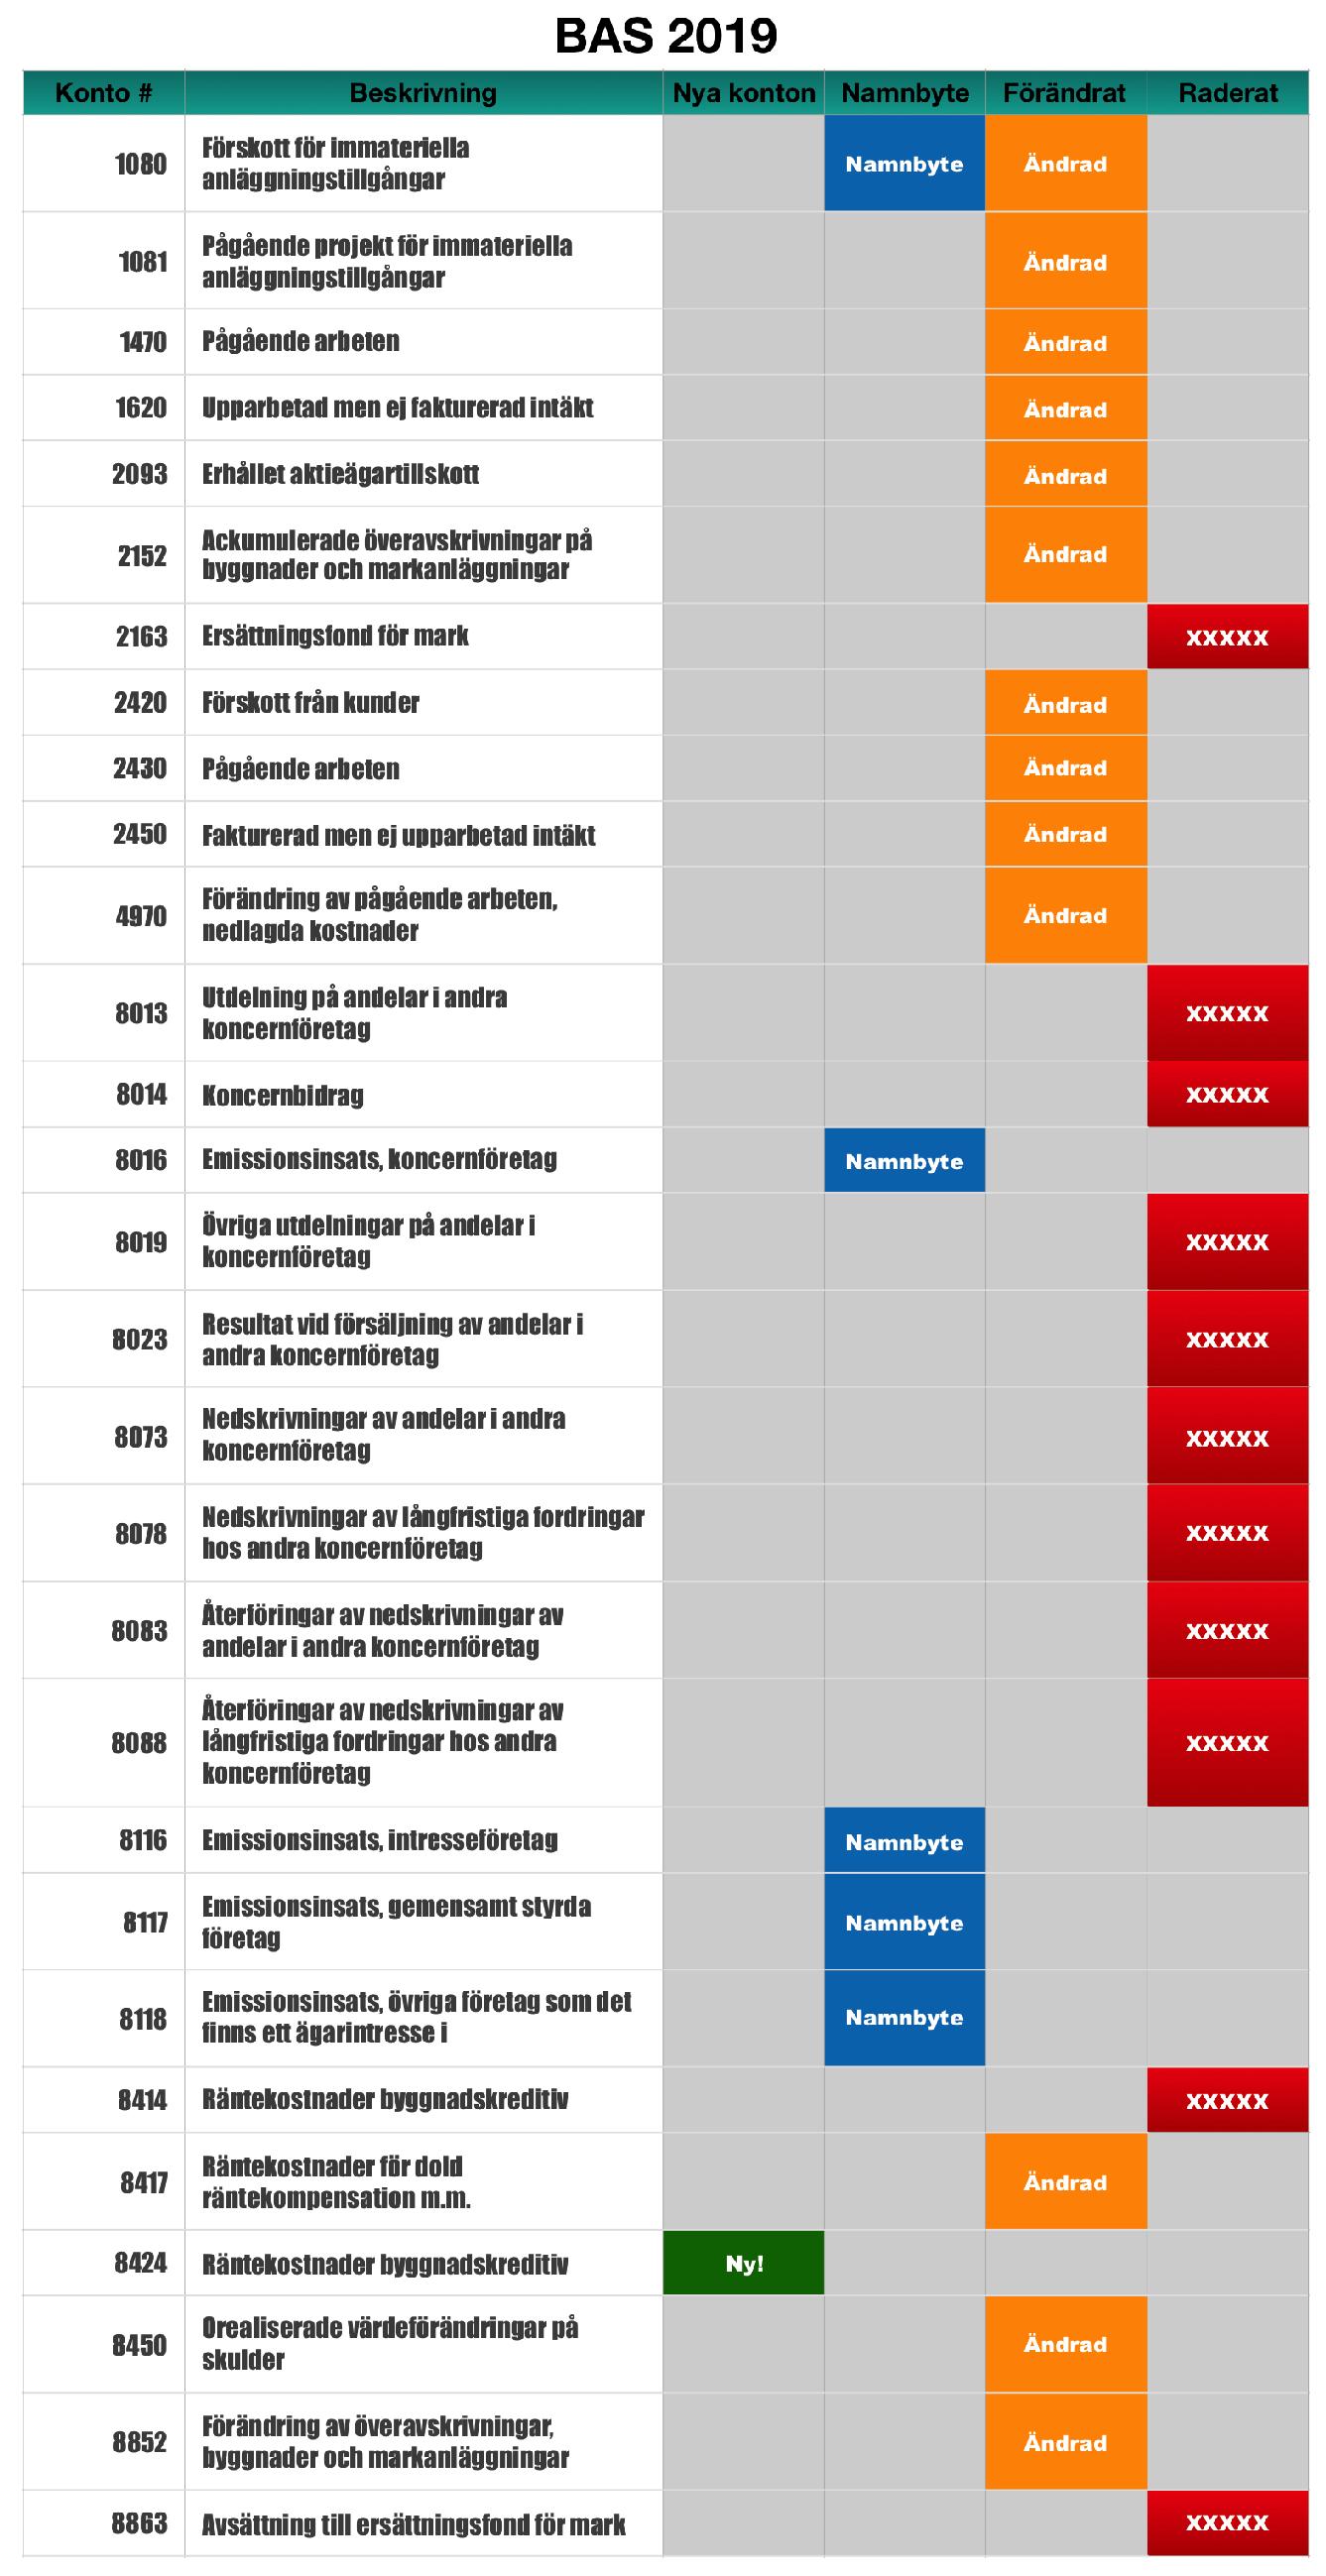 BAS 2019 kontoplan (infographic)